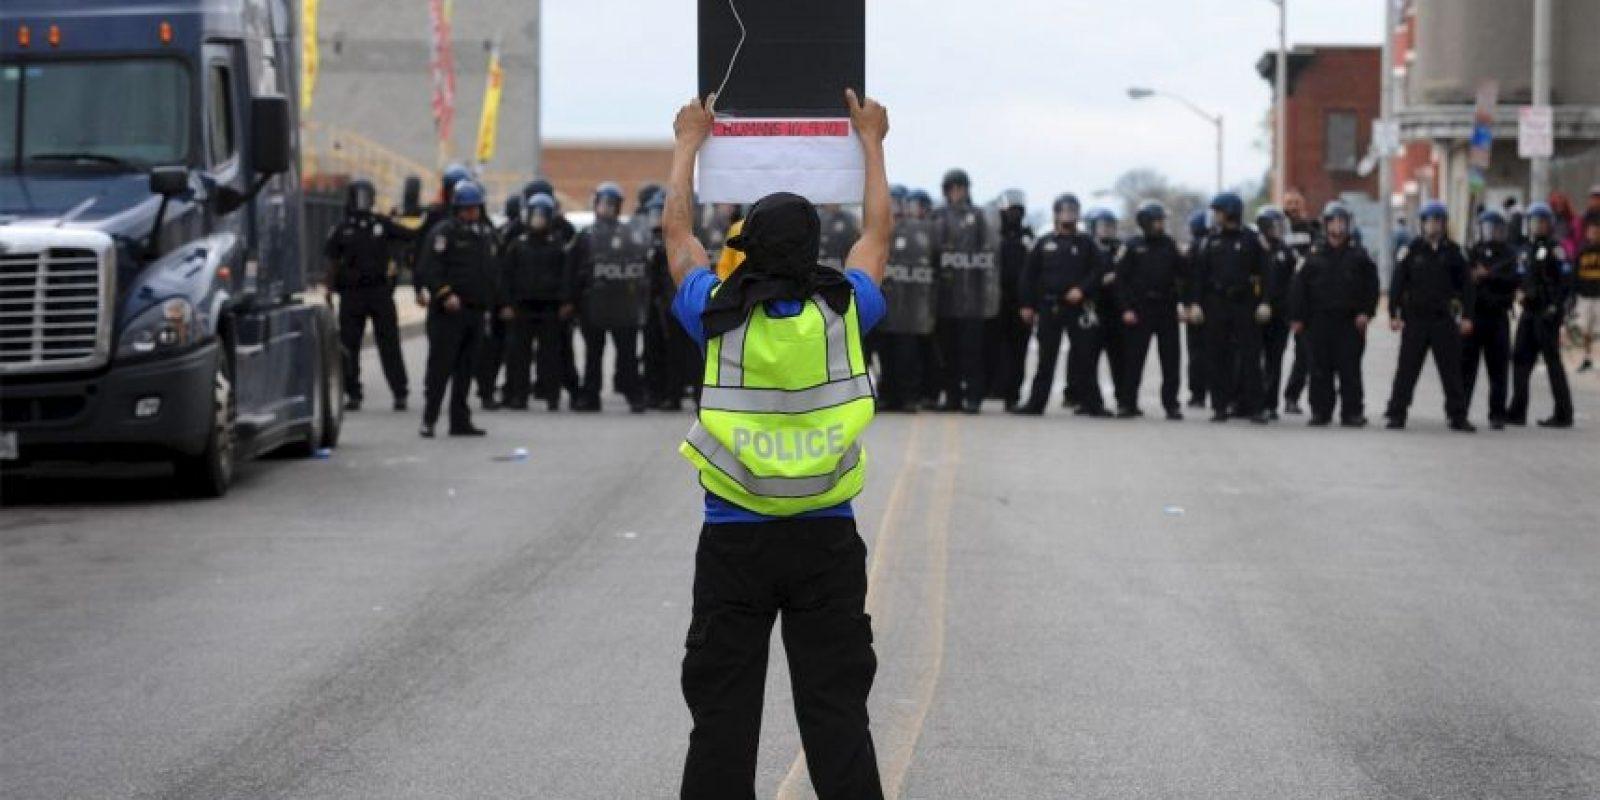 3. 500: Son los efectivos de la Guardia Nacional que hacen frente a las protestas en la ciudad. La Guardia Nacional. Esta fuerza de seguridad es una policía militarizada, usada en momentos especiales. Foto:AP